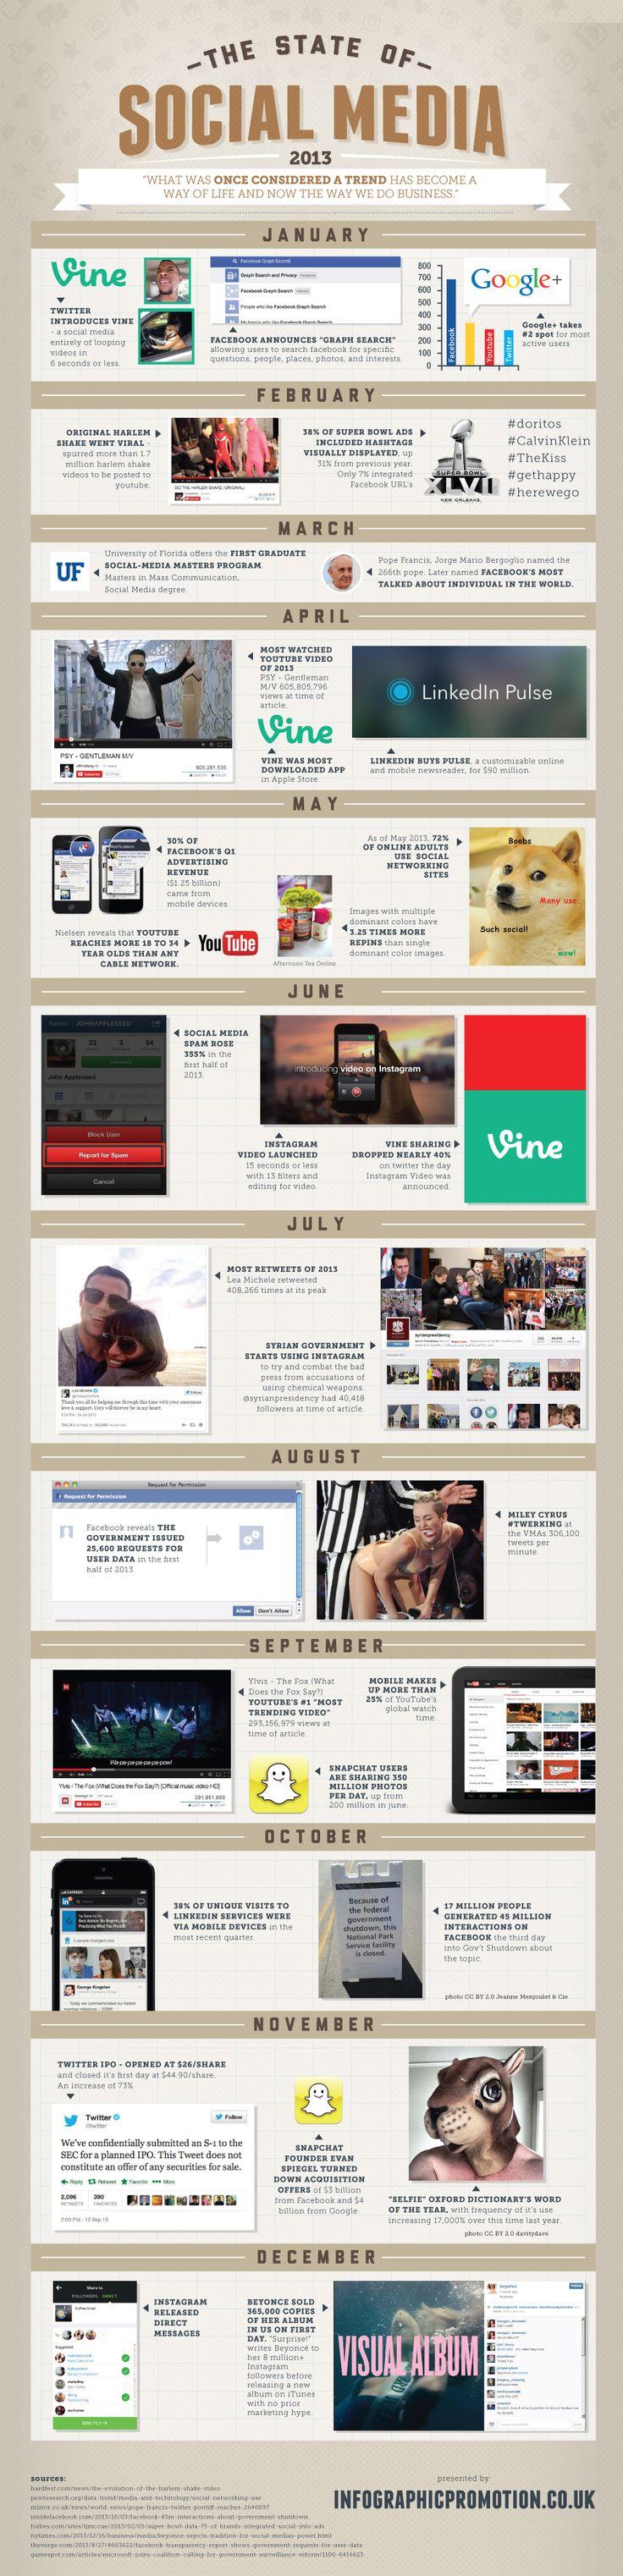 The state of Social Media 2013 - #SocialMedia #Infographic